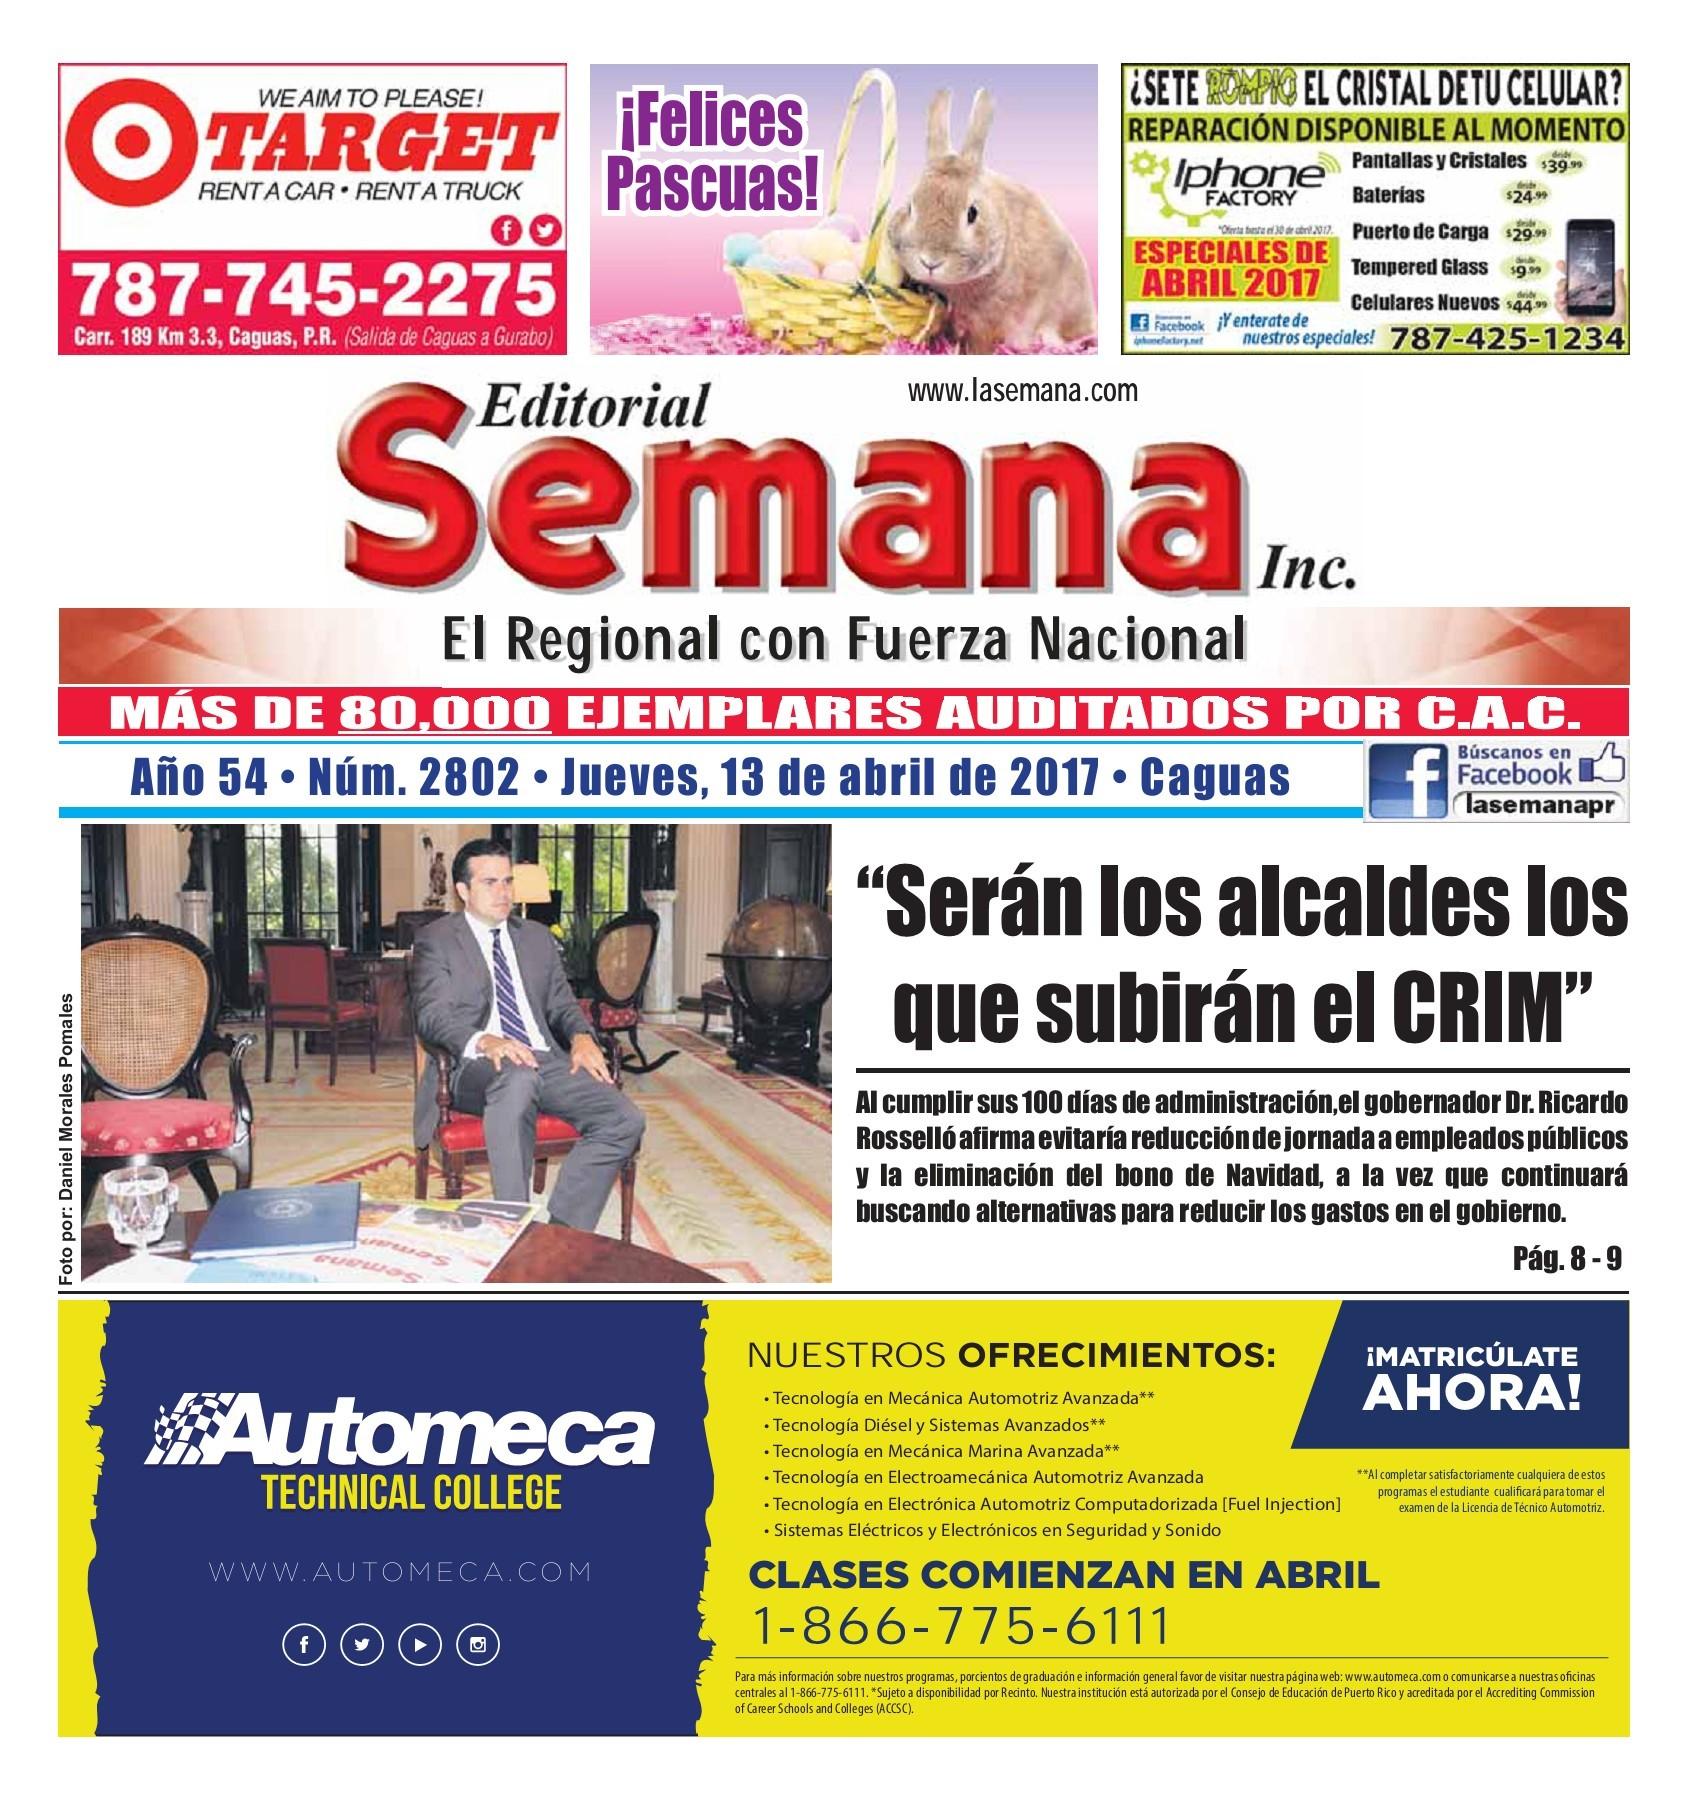 Al Entregar Una Pizza Sale Una Chica Desnuda edición: 13 de abril 2017-flip book pages 1-50 | pubhtml5